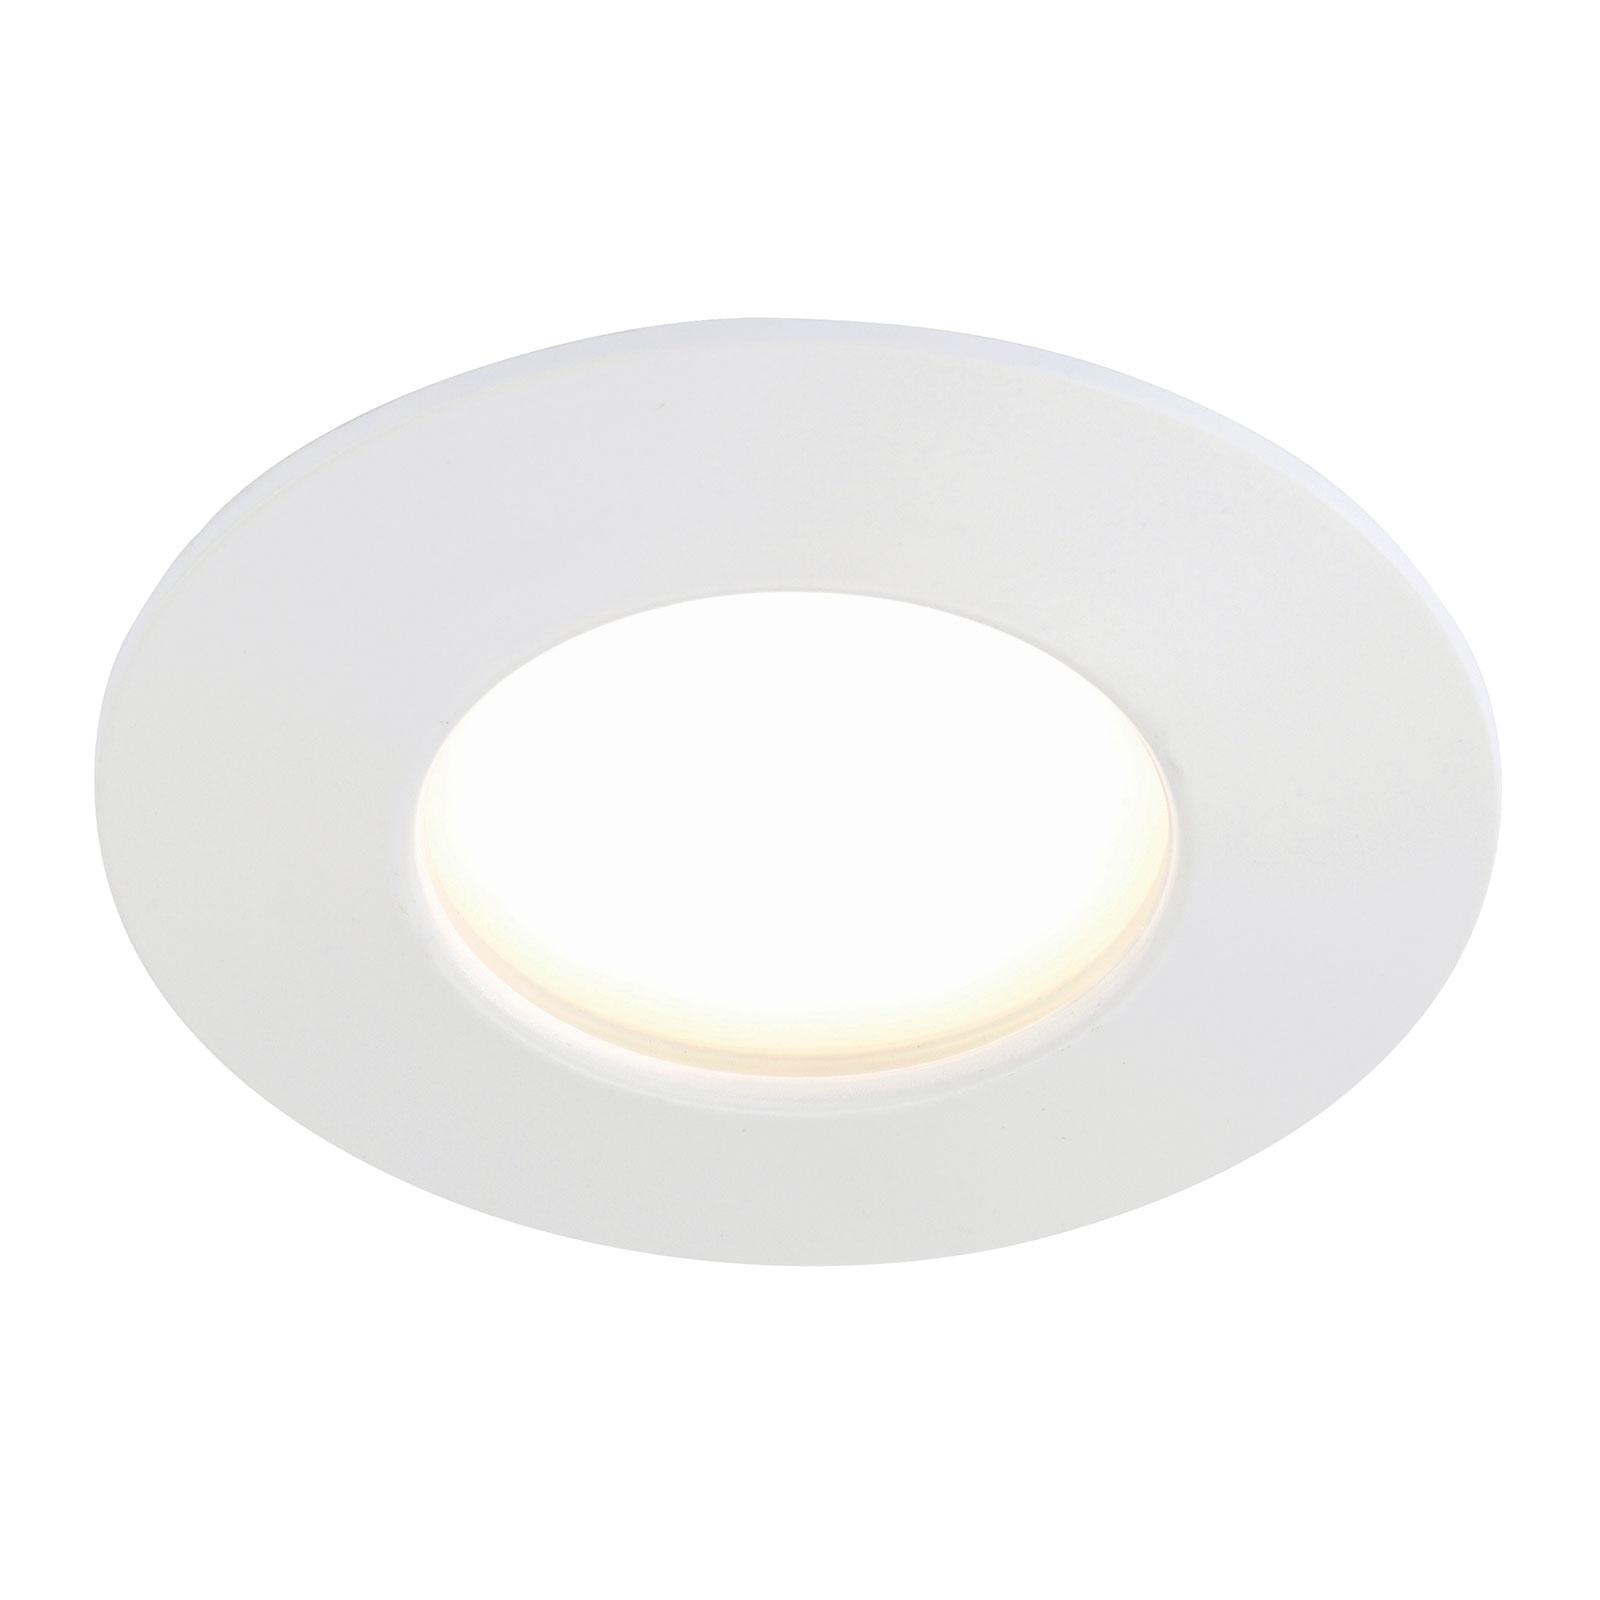 Biała oprawa wpuszczana LED Felia, IP44